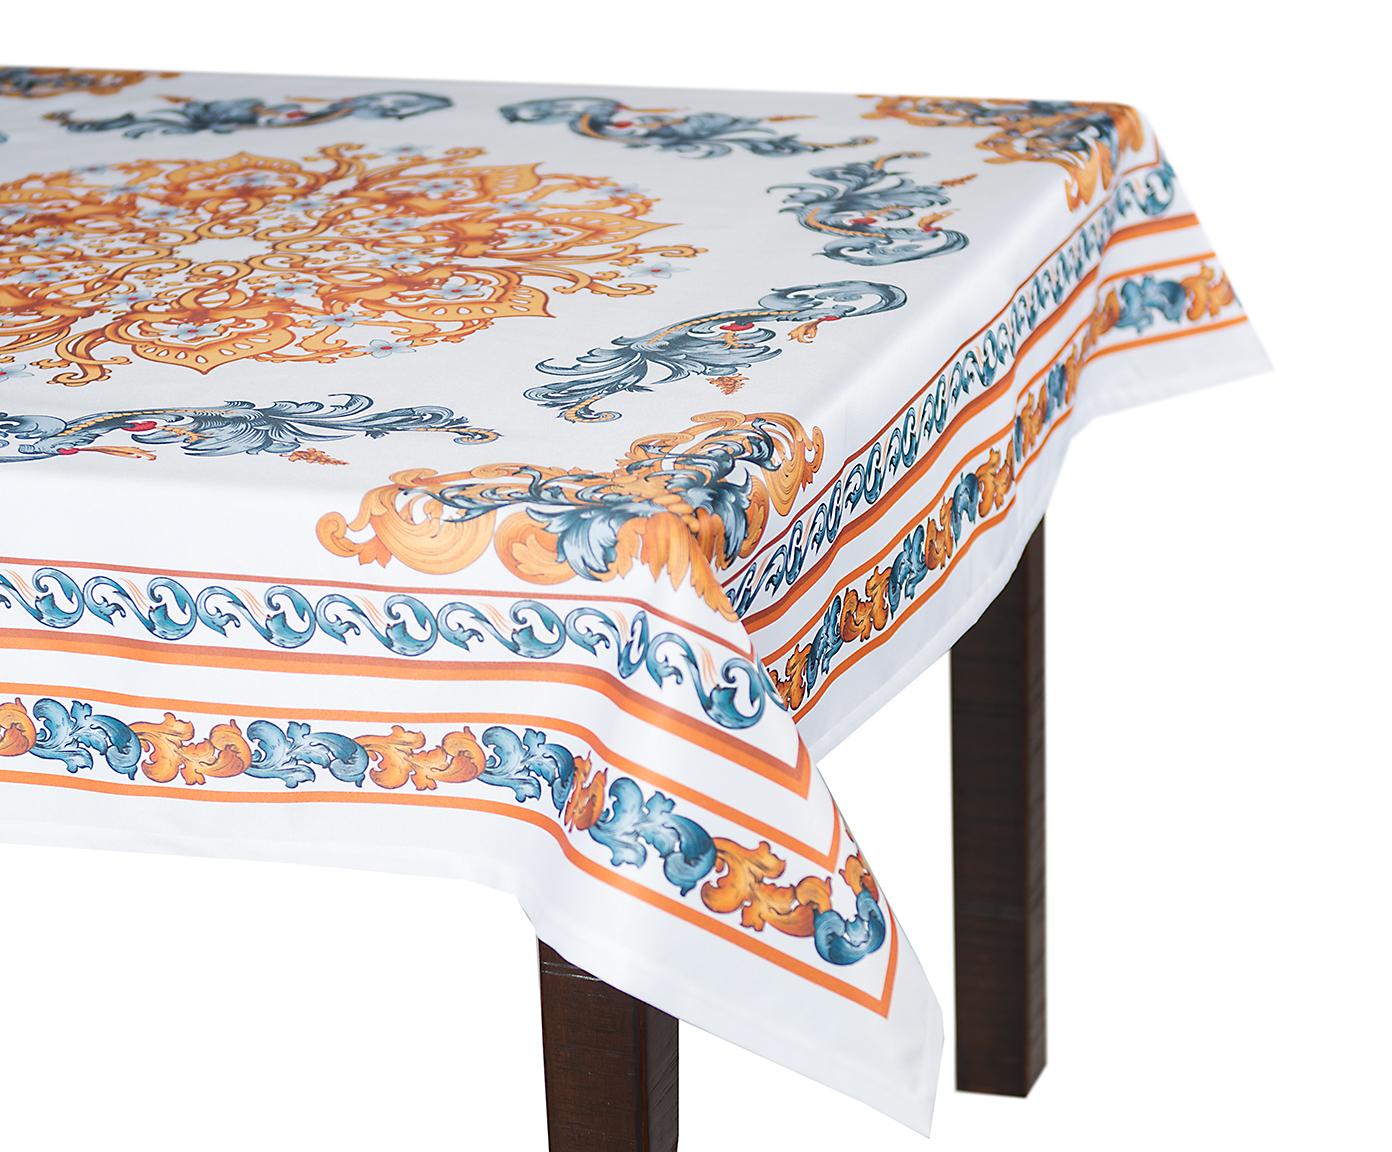 Кухня Скатерть 140x140 Blonder Home Delight оранжевая skatert-140x140-blonder-home-delight-oranzhevaya-ssha-rossiya.jpg